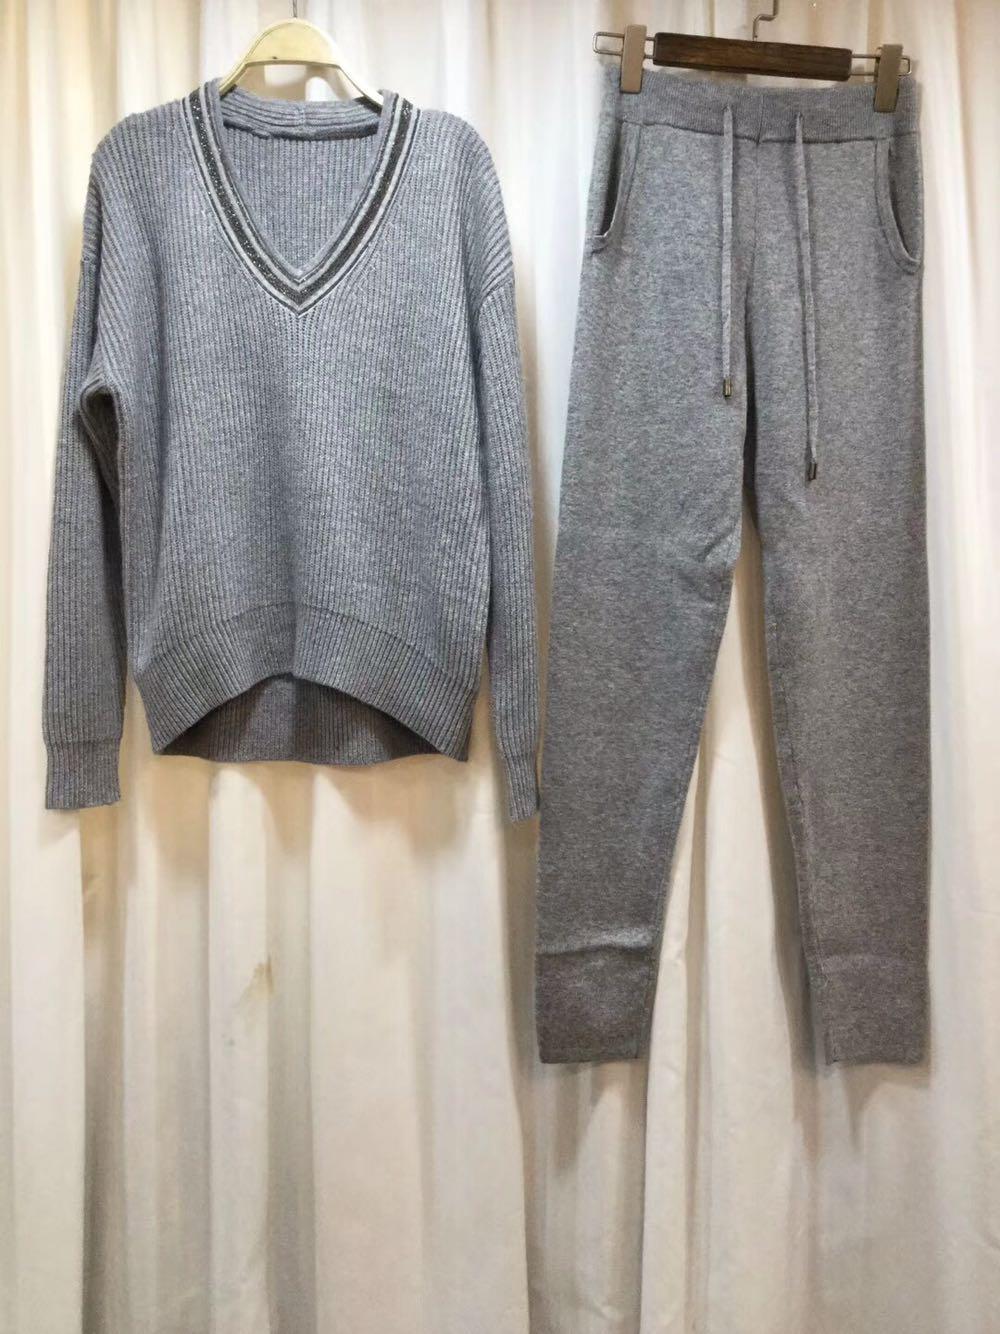 Cachemire Pour Knit Limitée Le Femmes Dans gris Manches Laine En Lanterne Temps 2 Casual pièce Deux cou Nouveau Pièce V 2018 Blanc De Tenues D'hiver Costume Yfgqngx